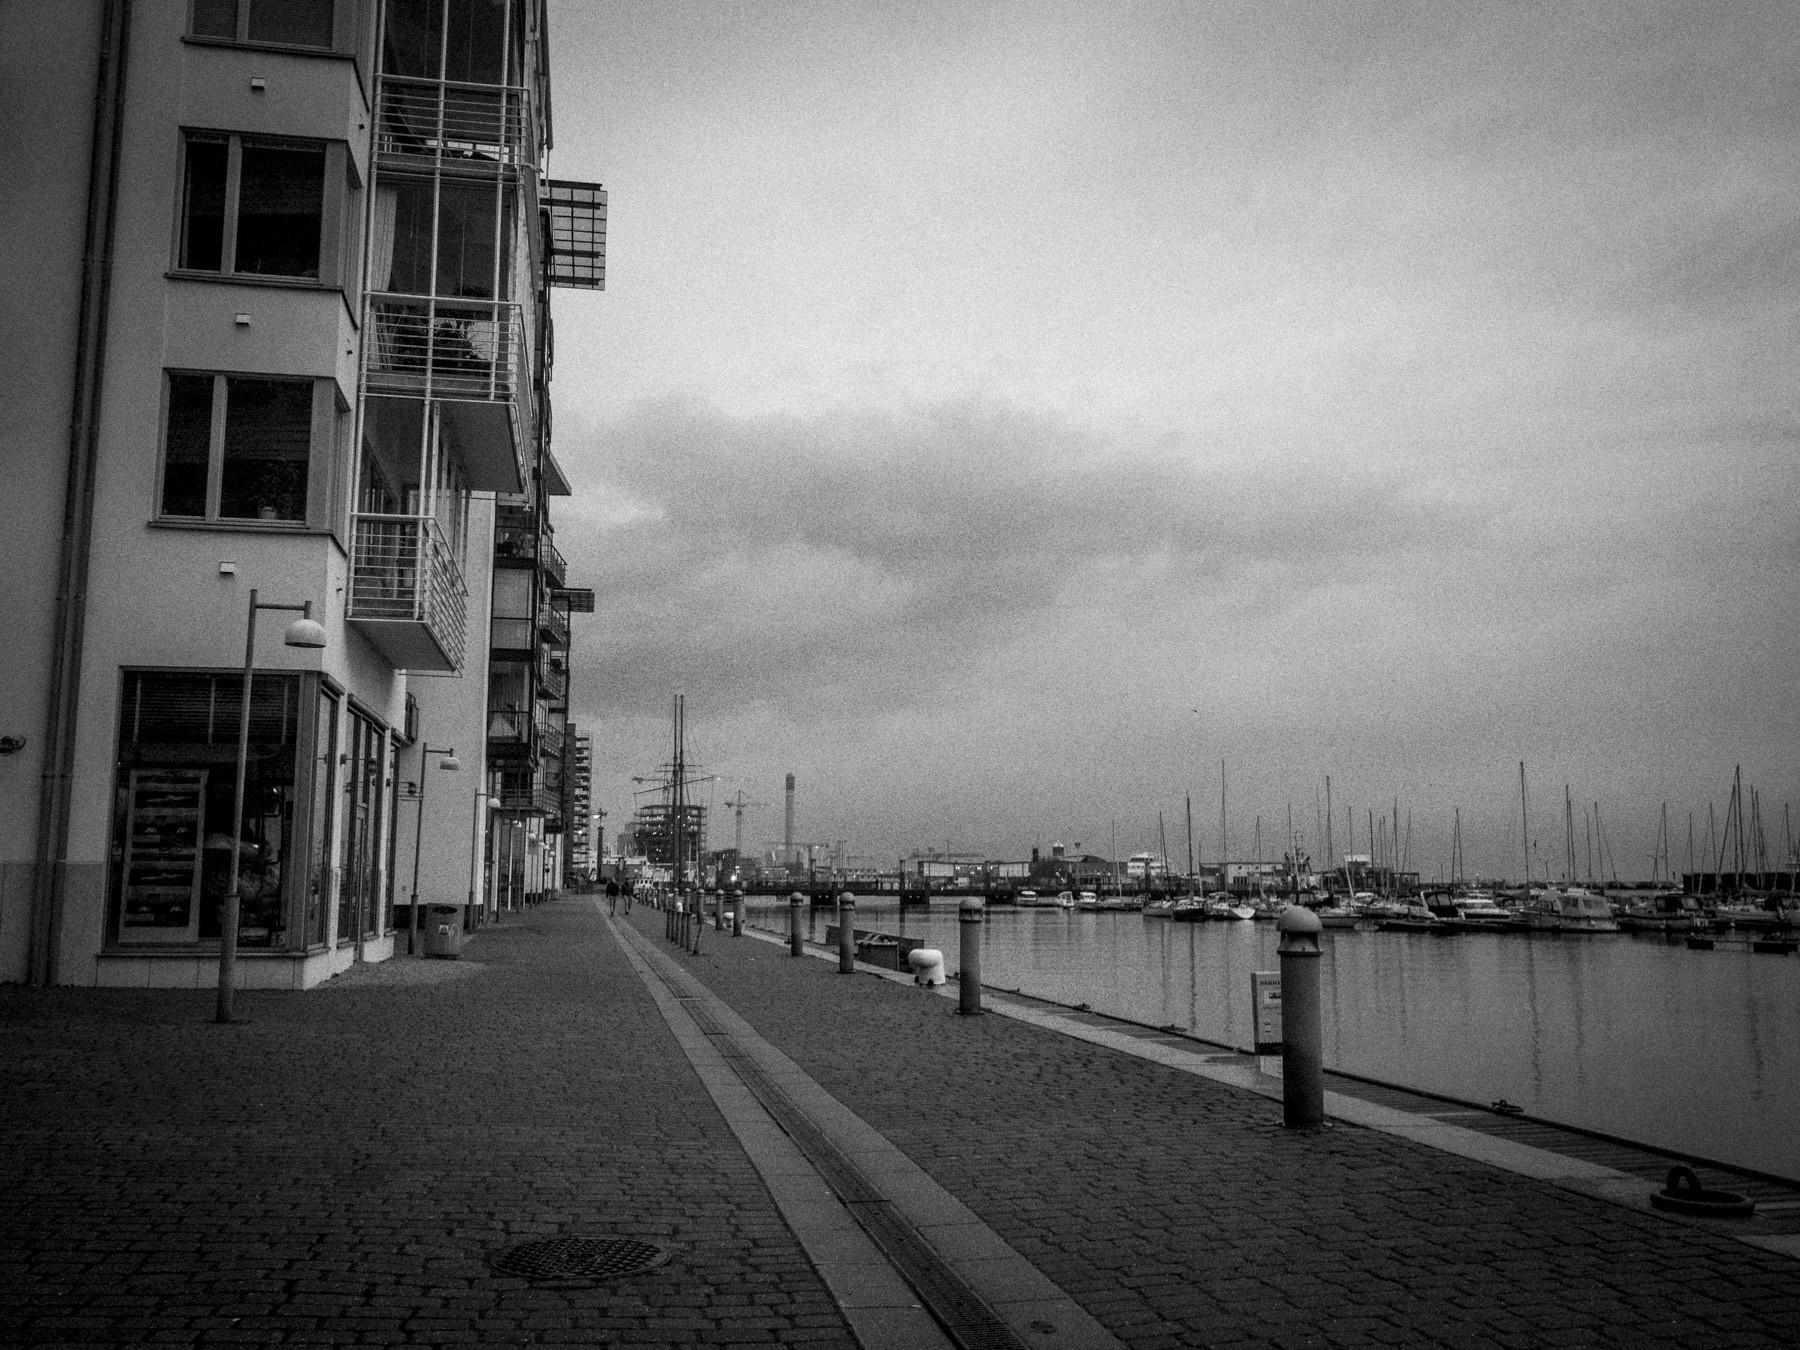 Helsingborgs nye havnefront byder på masser af byudvikling